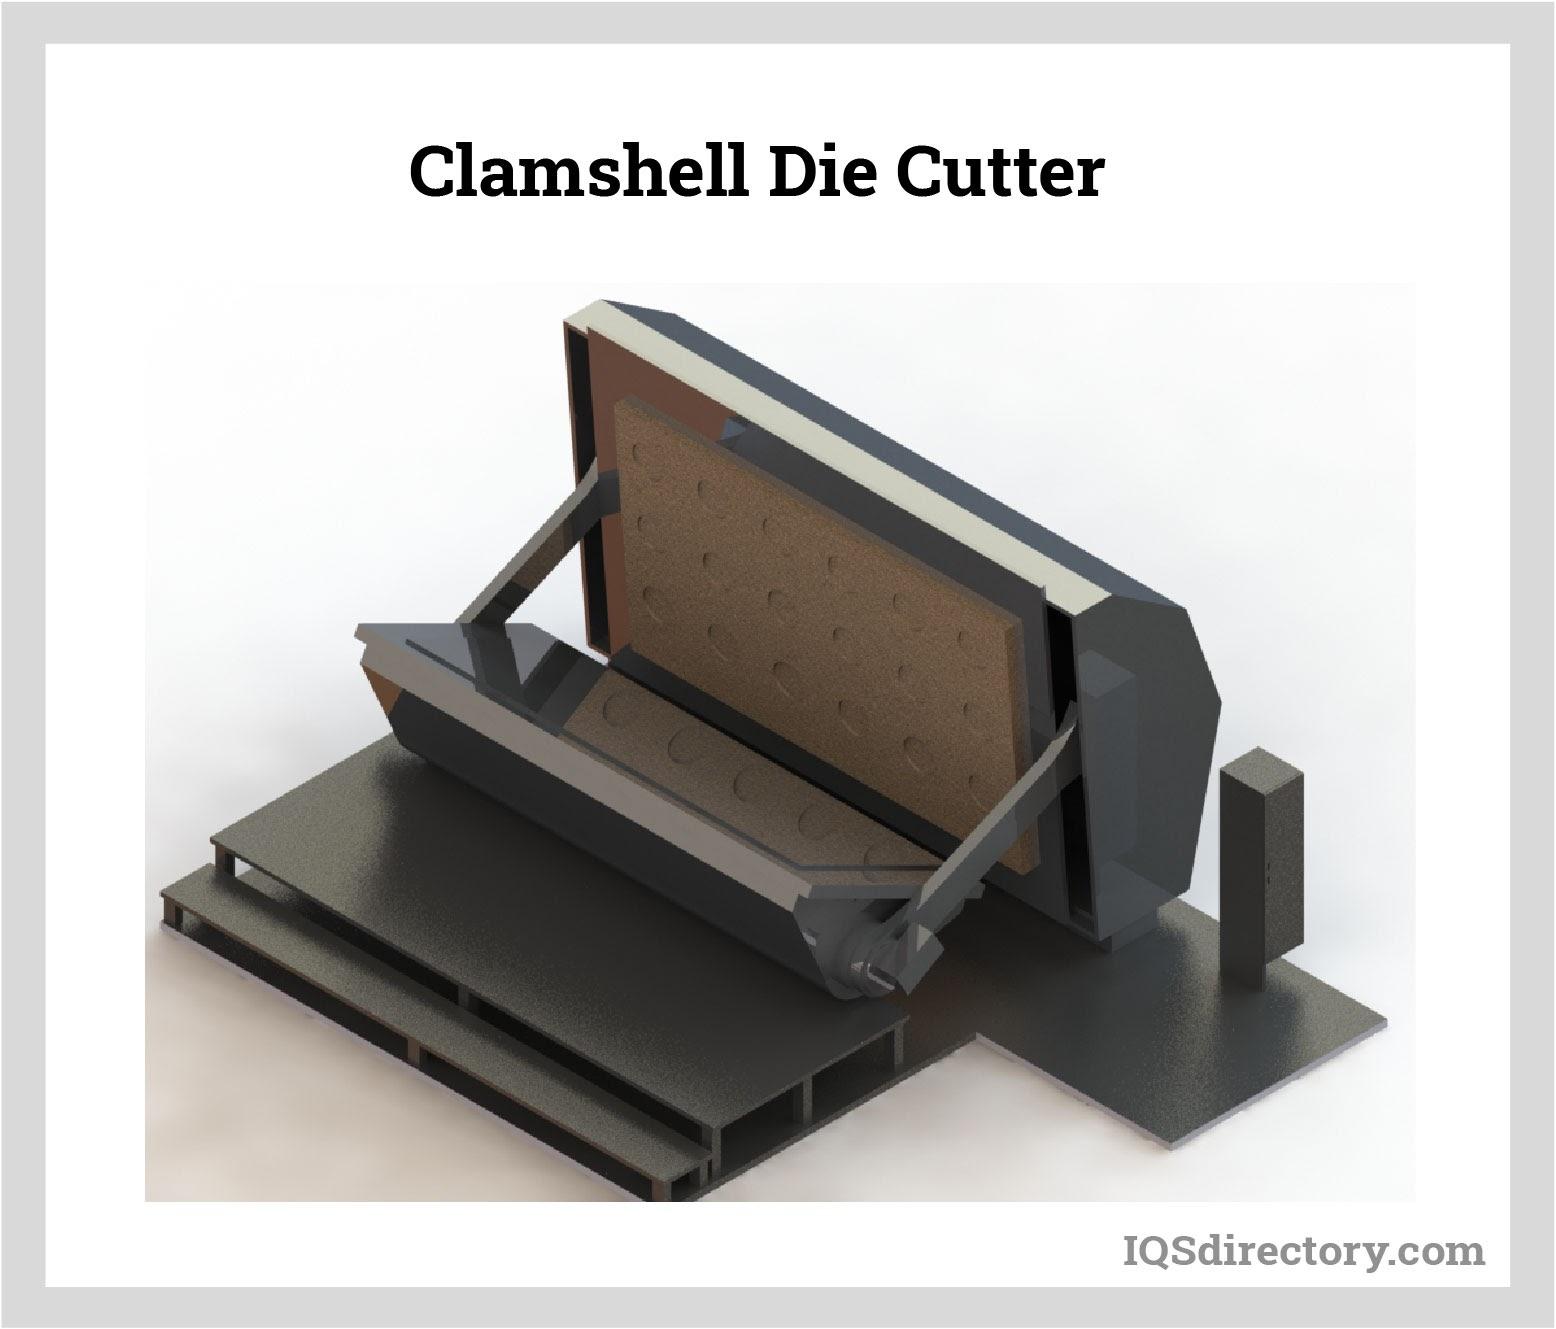 Clamshell Die Cutter